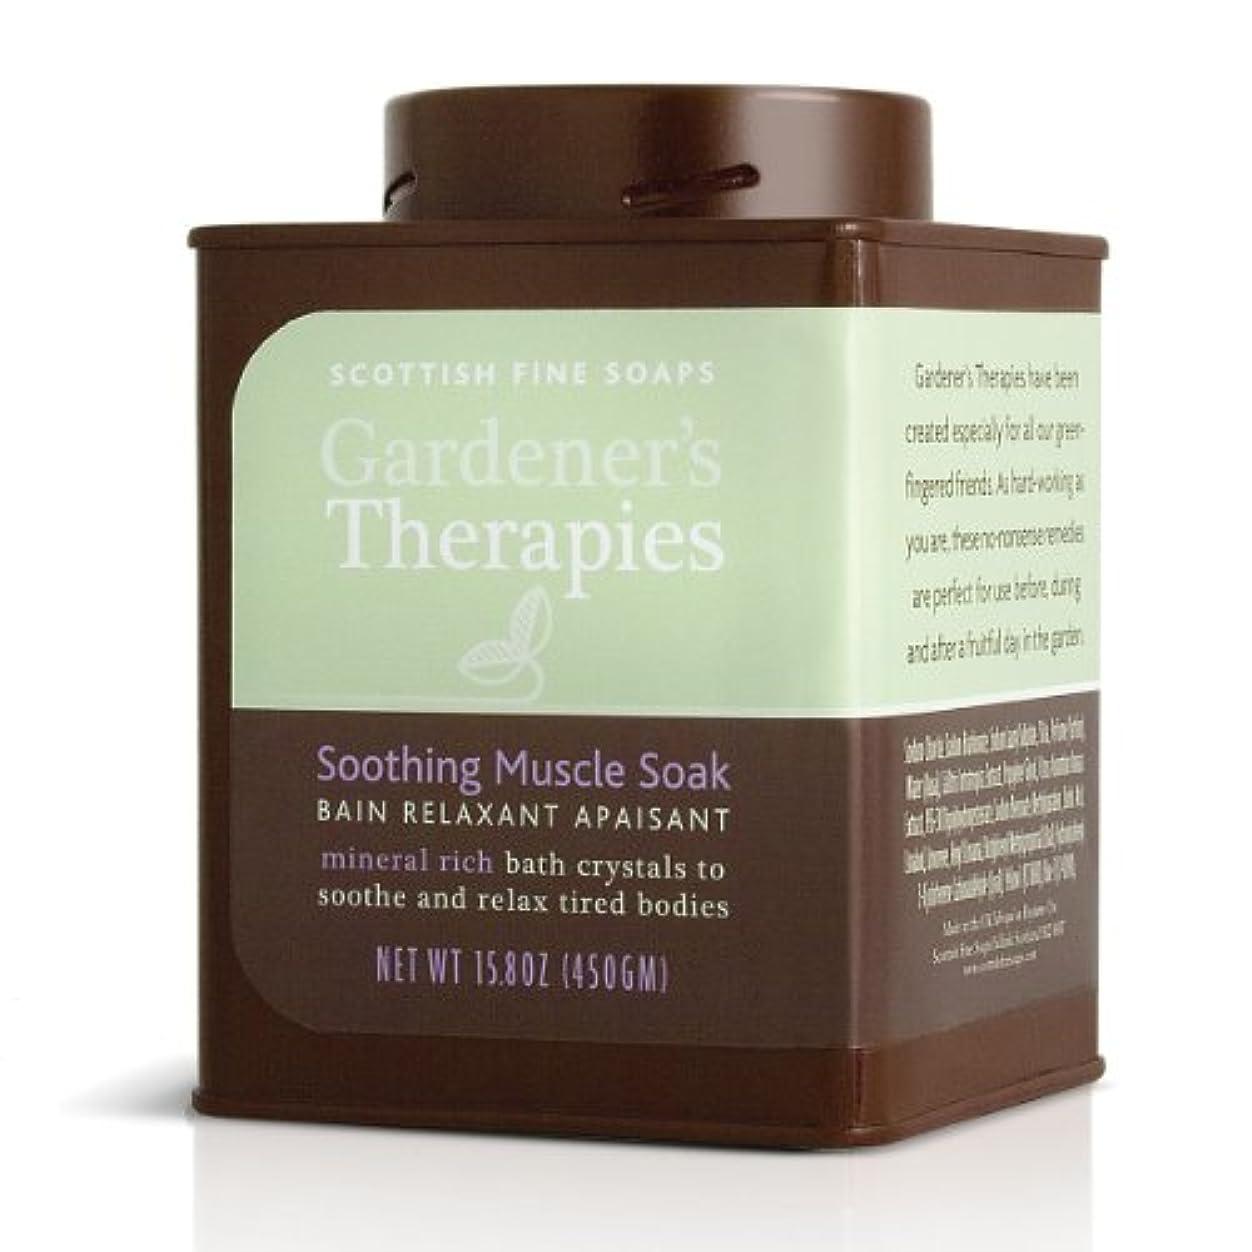 よろしく紀元前特異性SCOTTISH FINE SOAPS(スコティッシュファインソープ) Gardener's Therapies(ガーデンセラピーシリーズ) リラクシングバスパウダー 500g 5016365005548